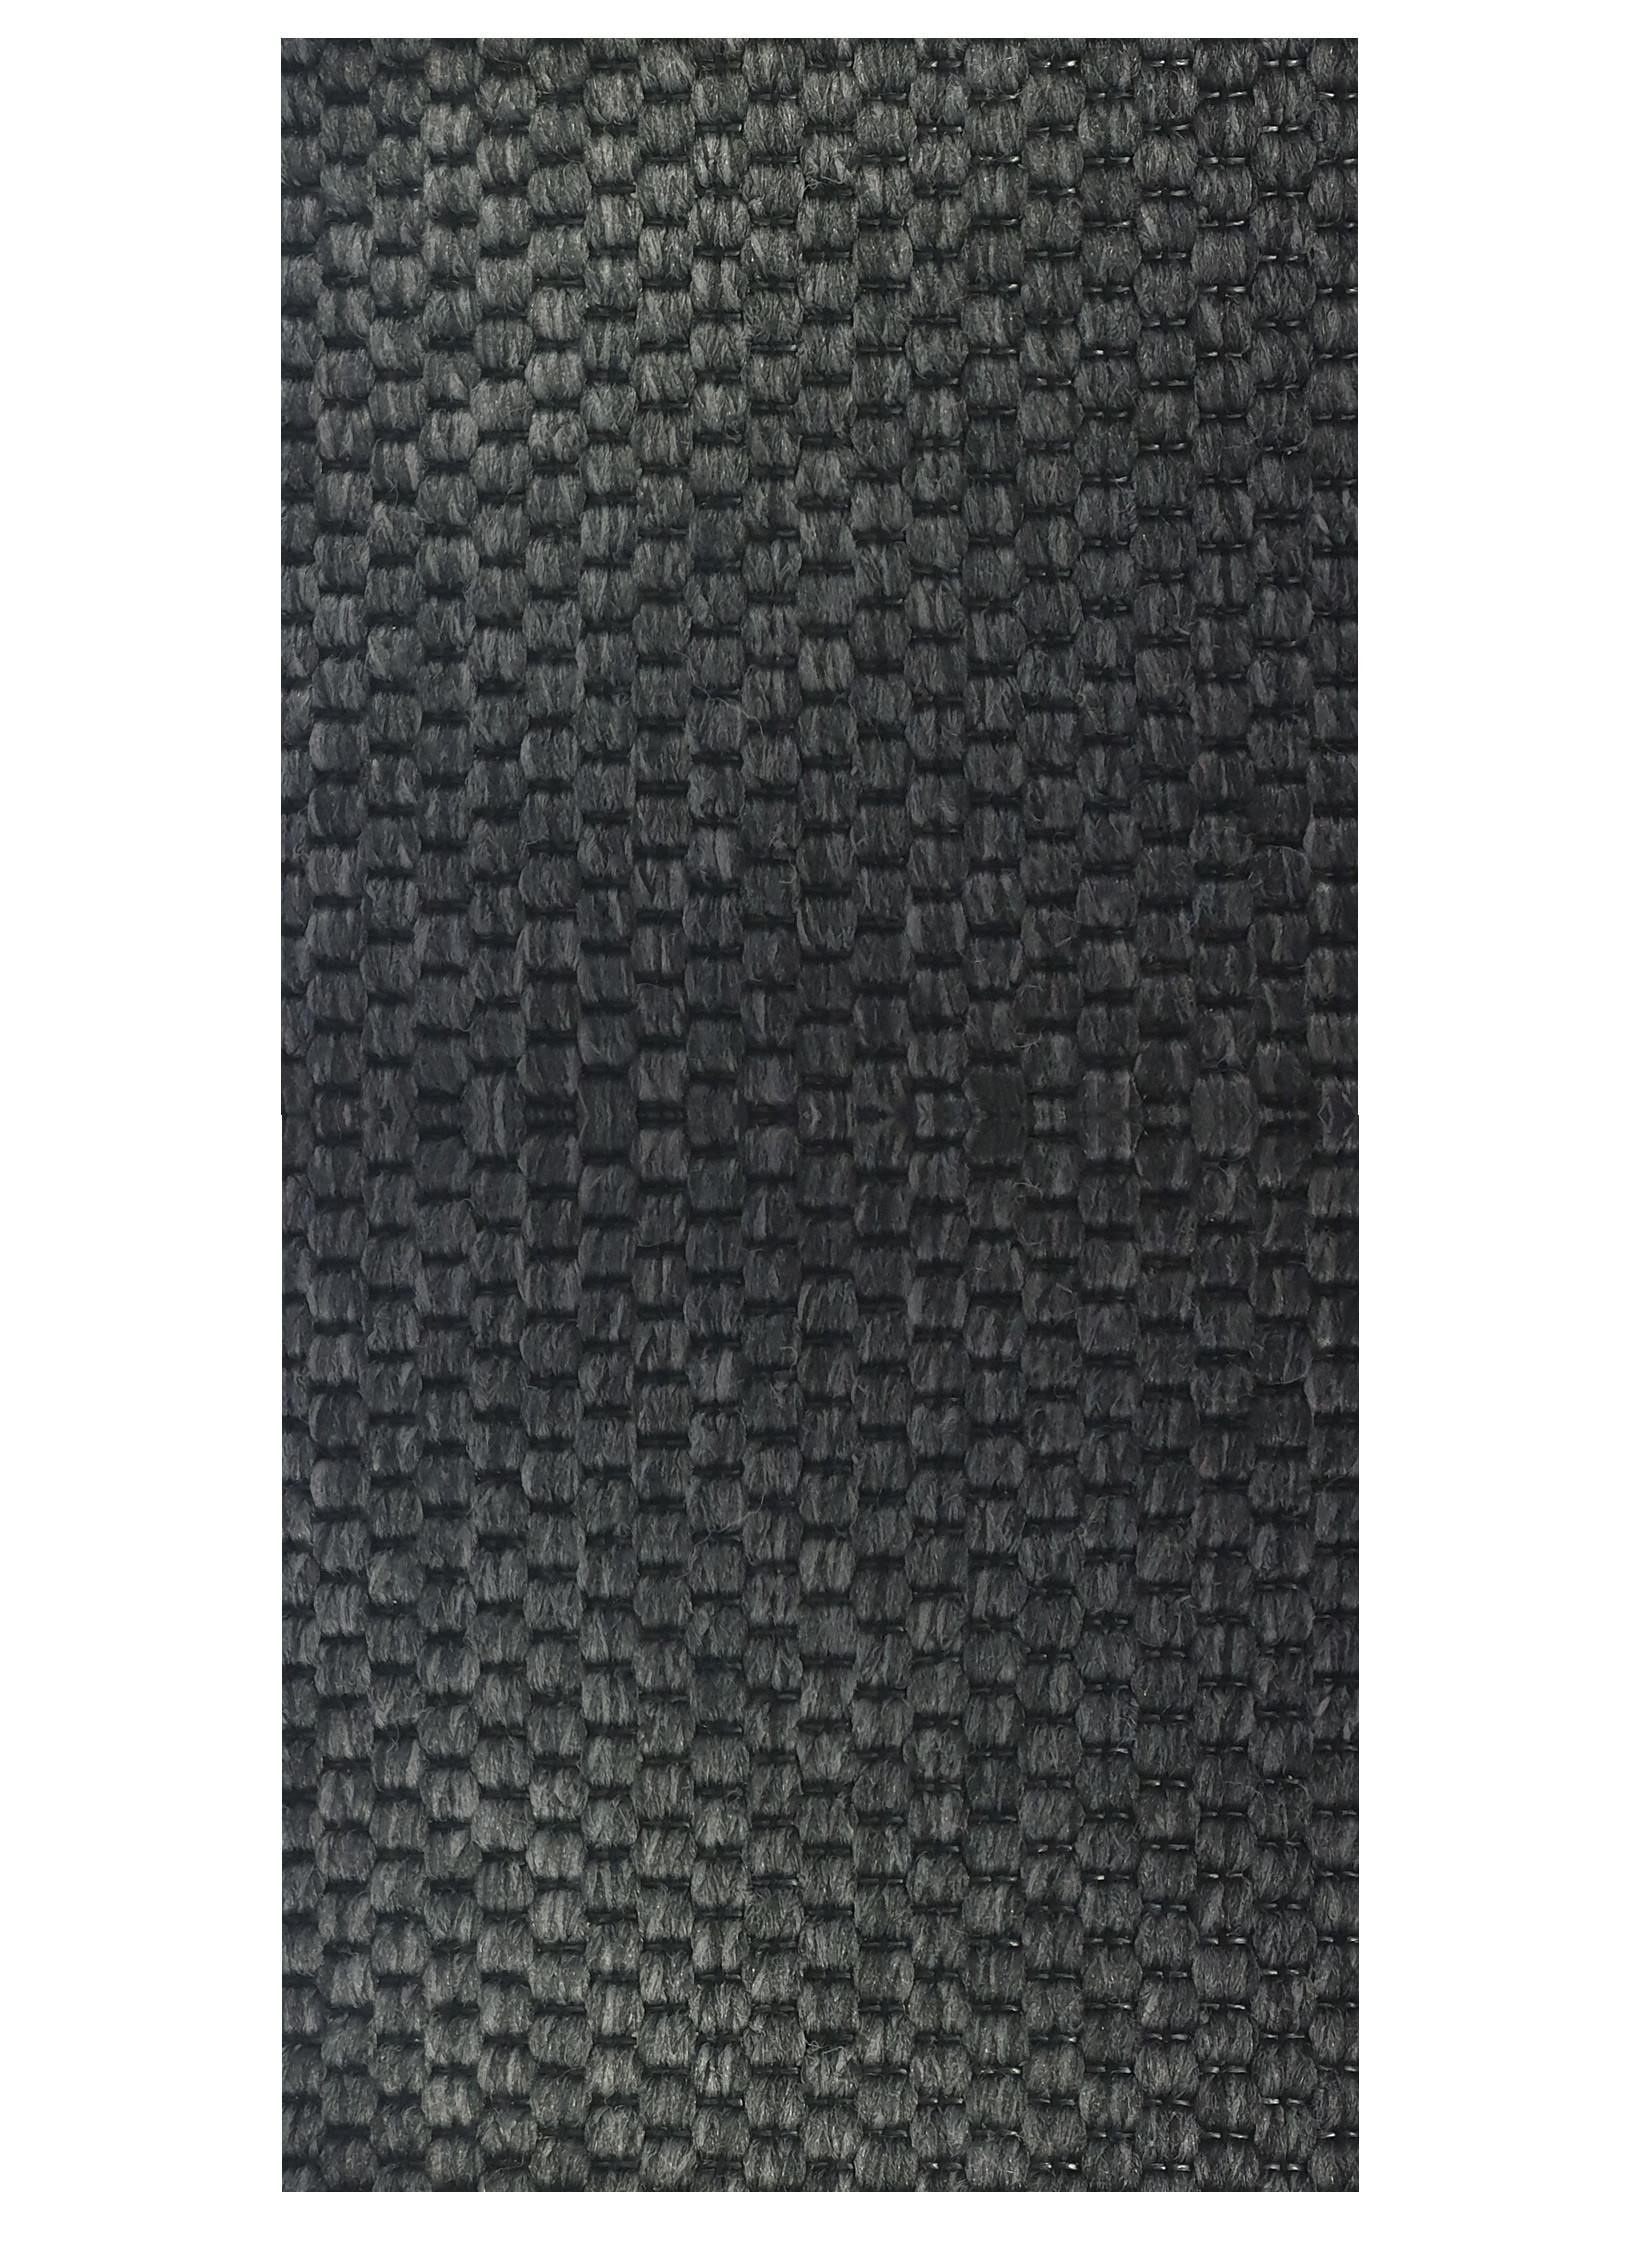 Vopi koberce Běhoun na míru Nature antracit - šíře 150 cm s obšitím